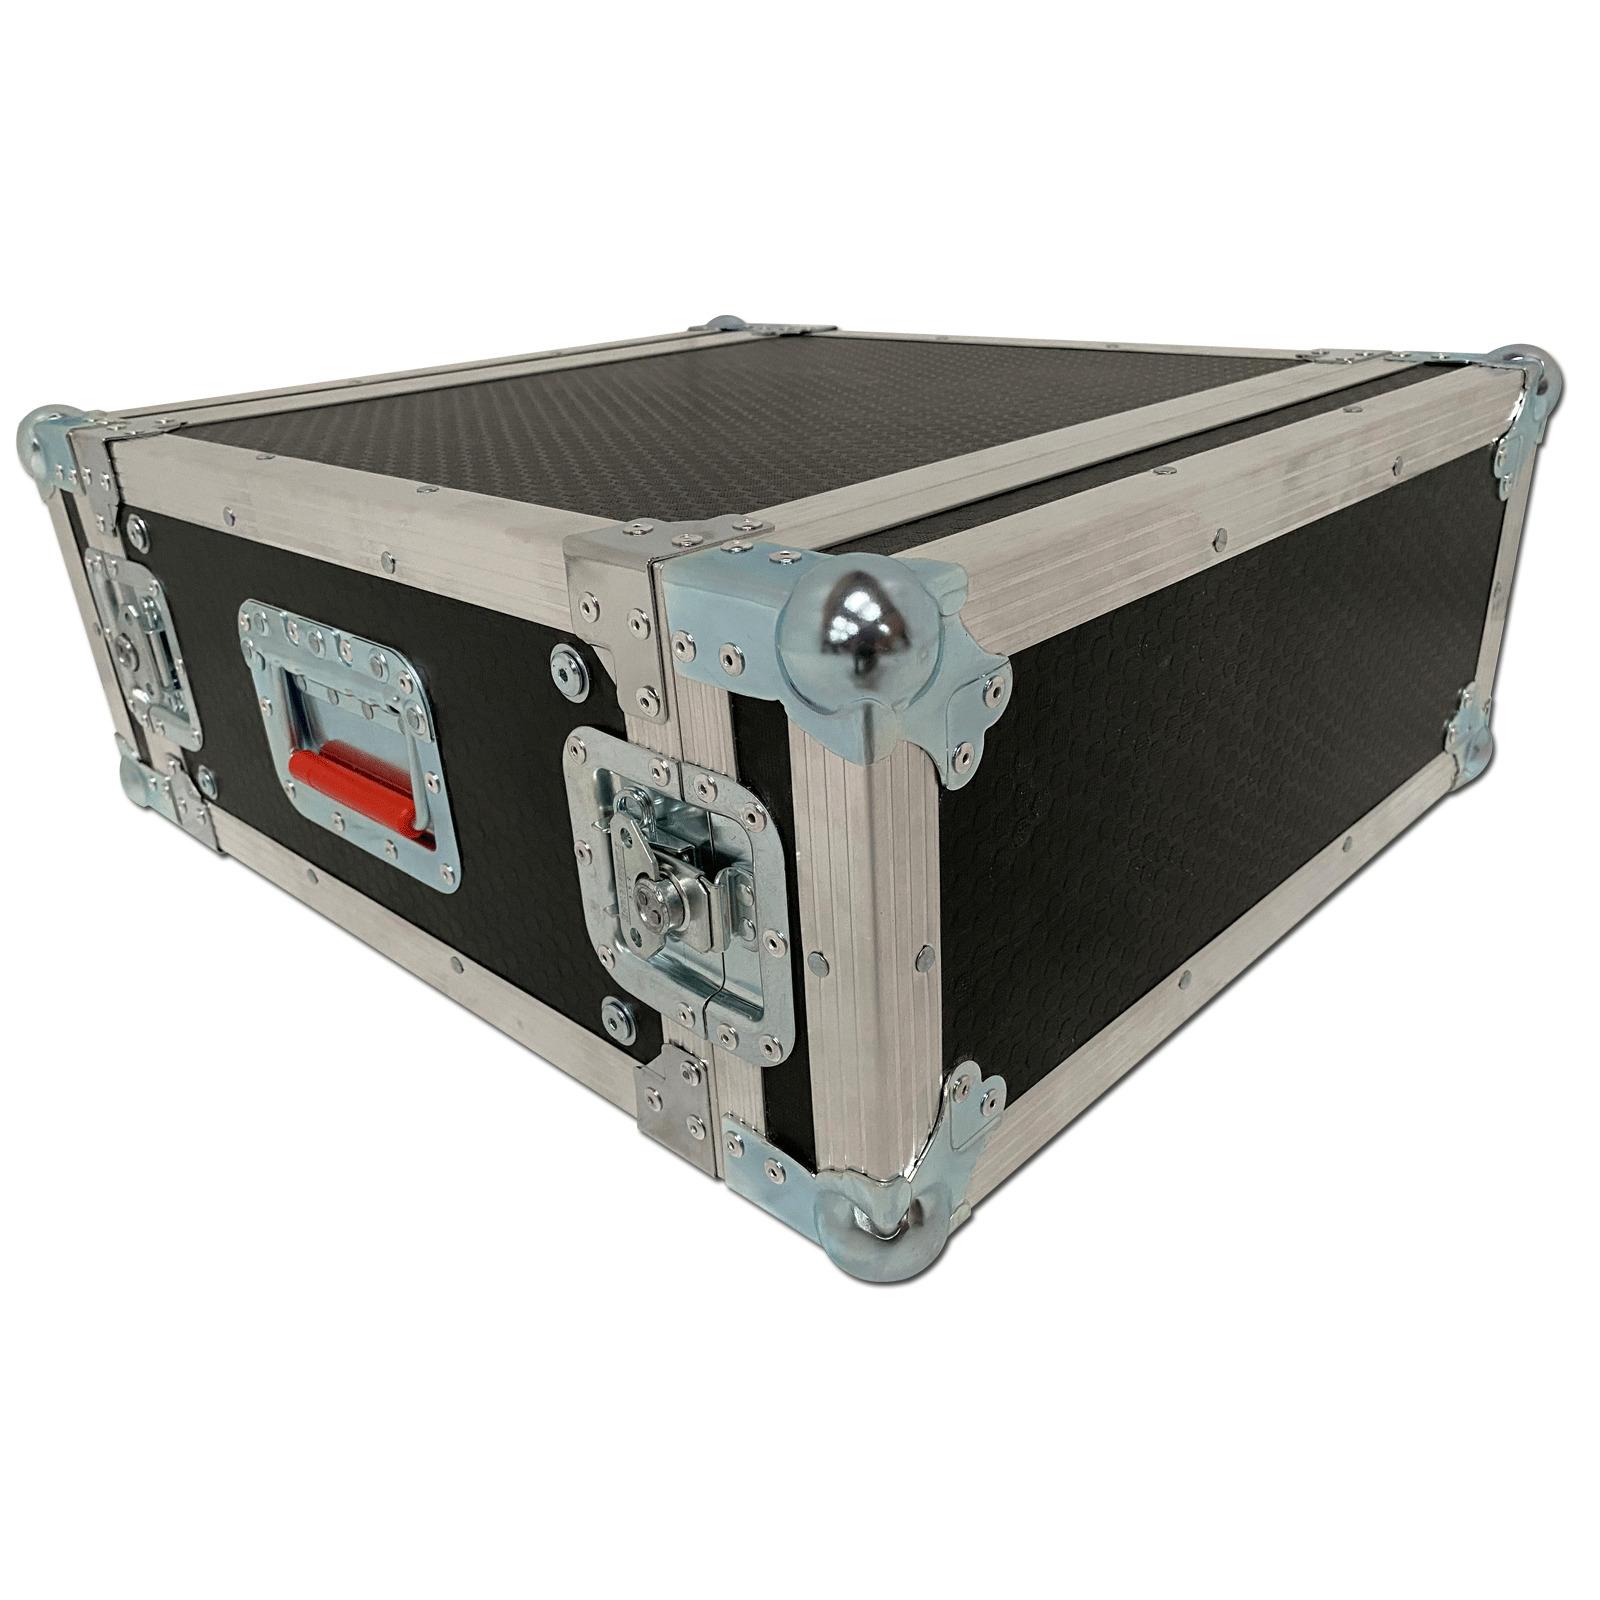 spider 4u rackmount flight case 460mm deep. Black Bedroom Furniture Sets. Home Design Ideas